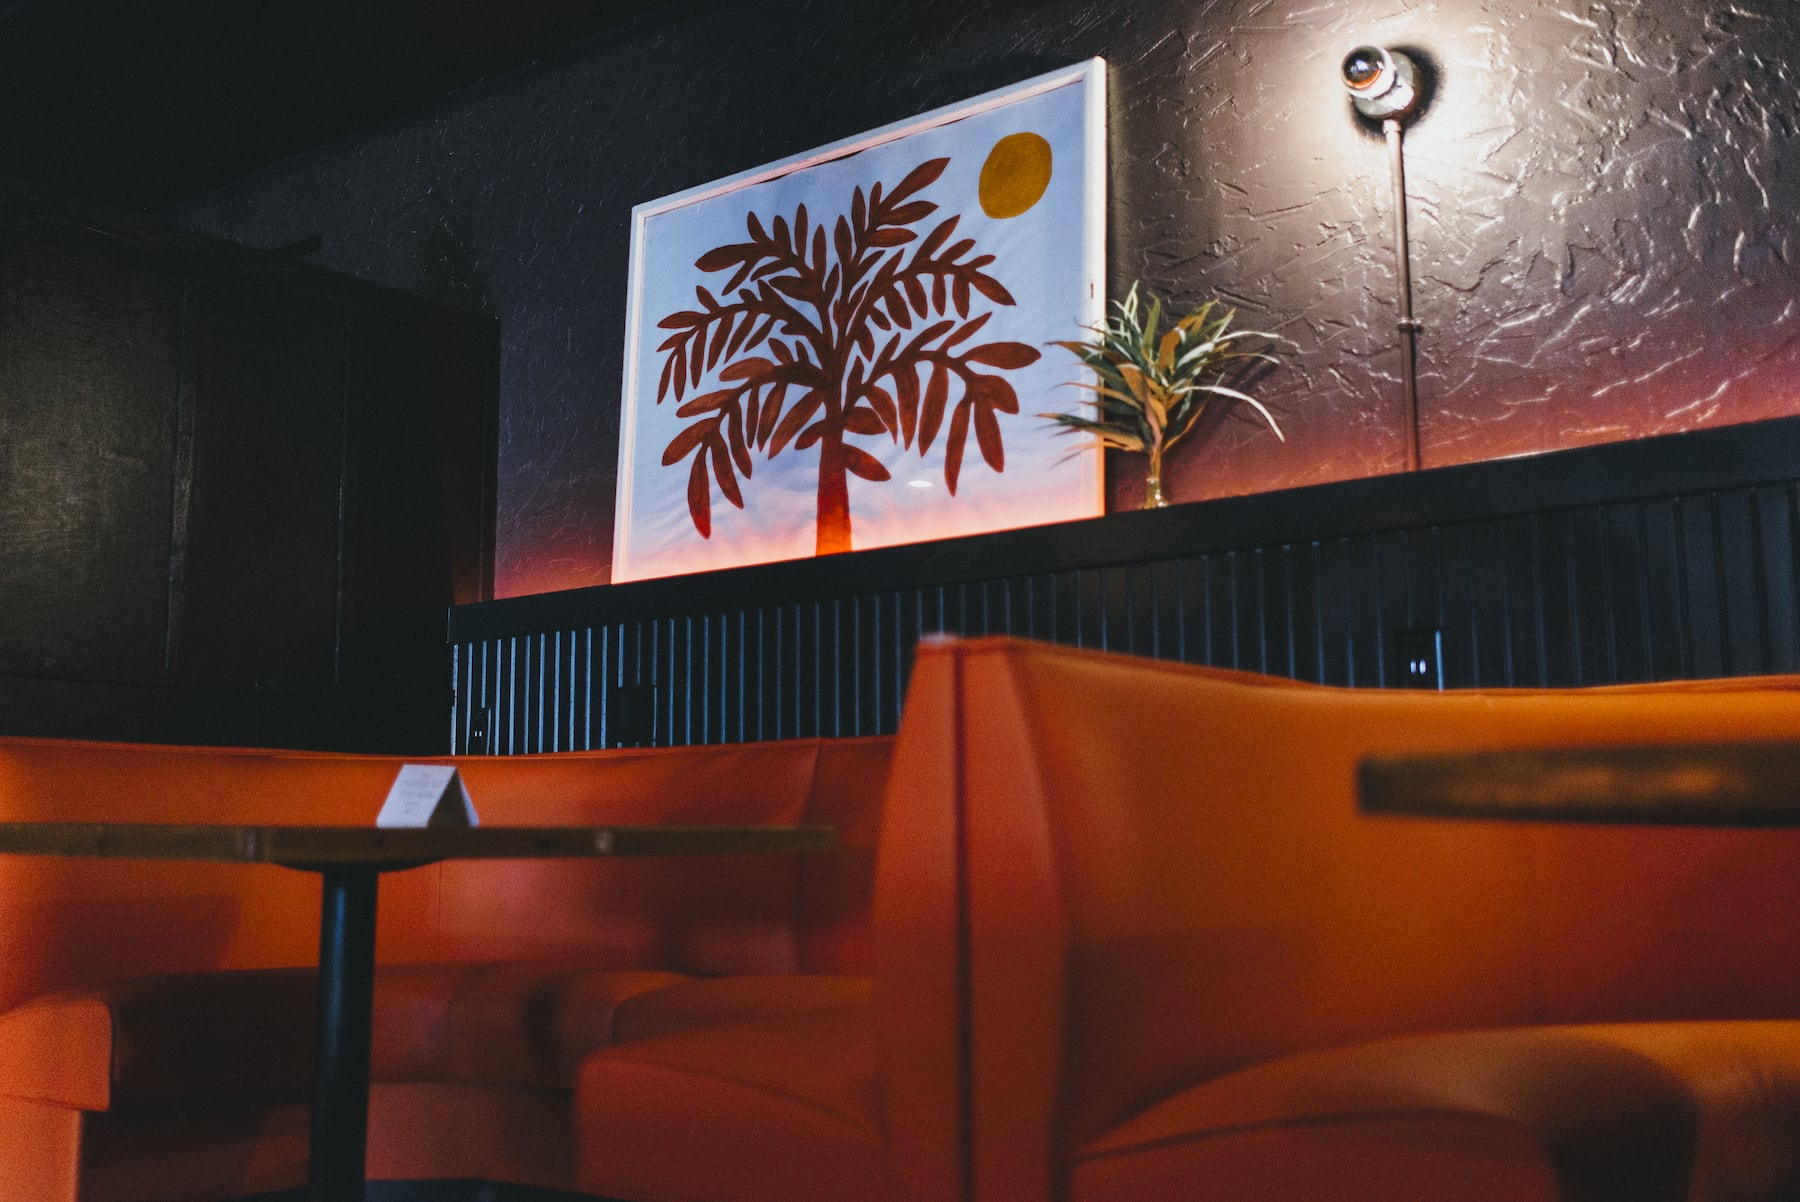 如果平面设计师开酒吧,它会是什么样子?